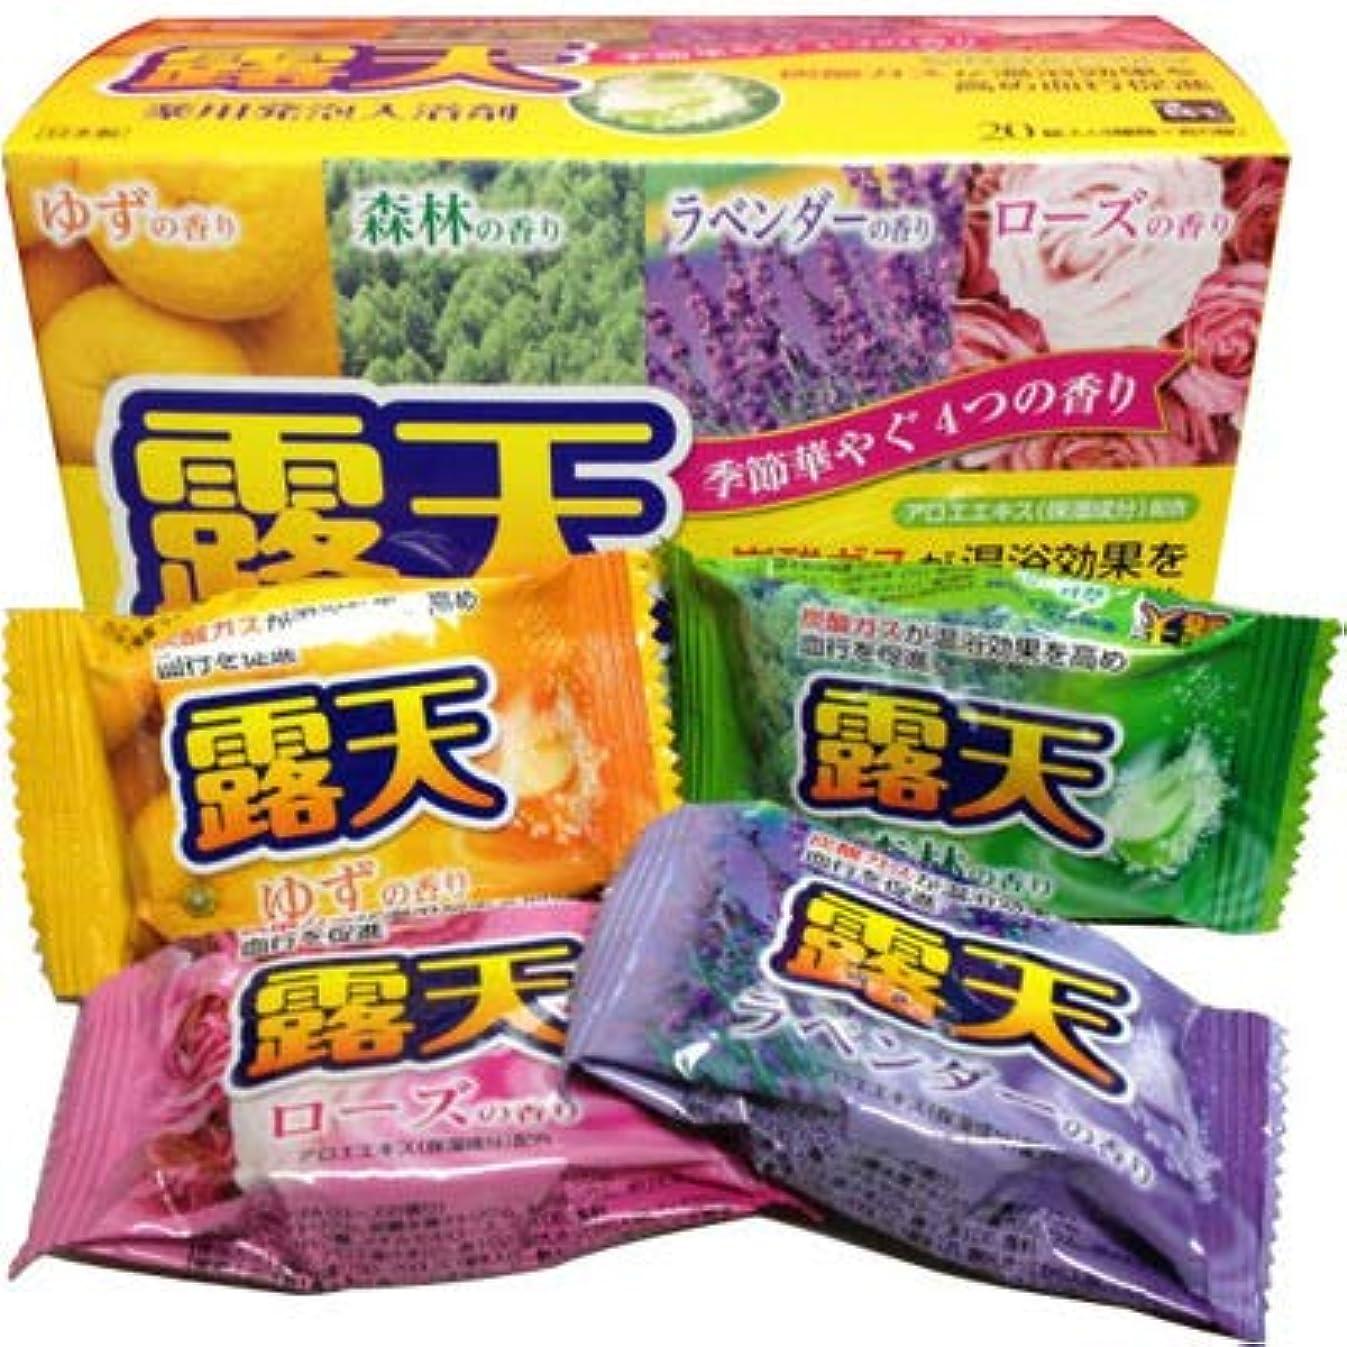 耐えられない肥料溢れんばかりの薬用発泡入浴剤 露天40g 4種類アソート(1セット400個入)